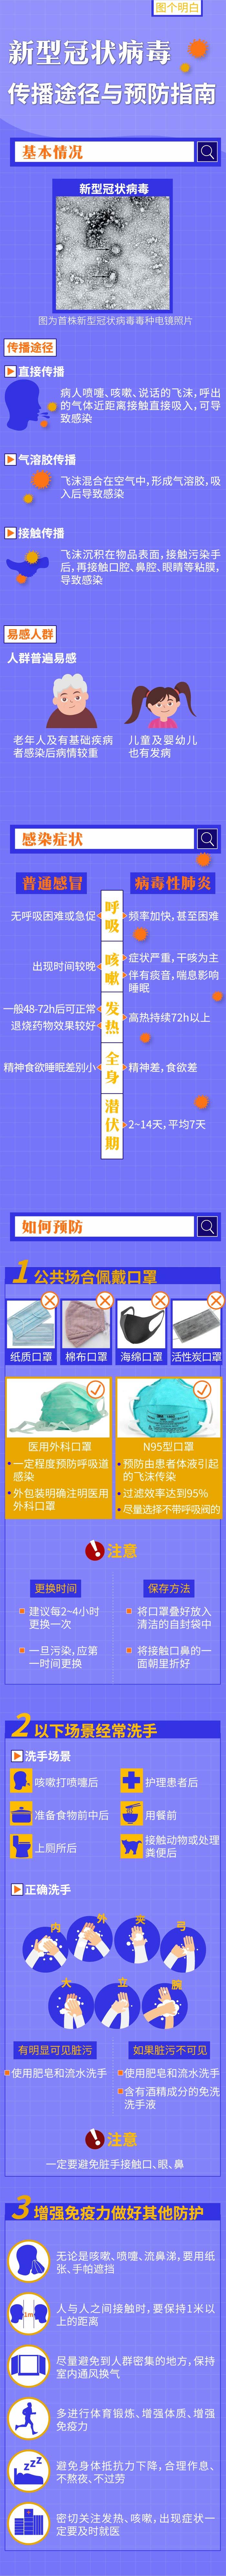 上海助孕一图读懂新型冠状病毒传播途径与预防指南